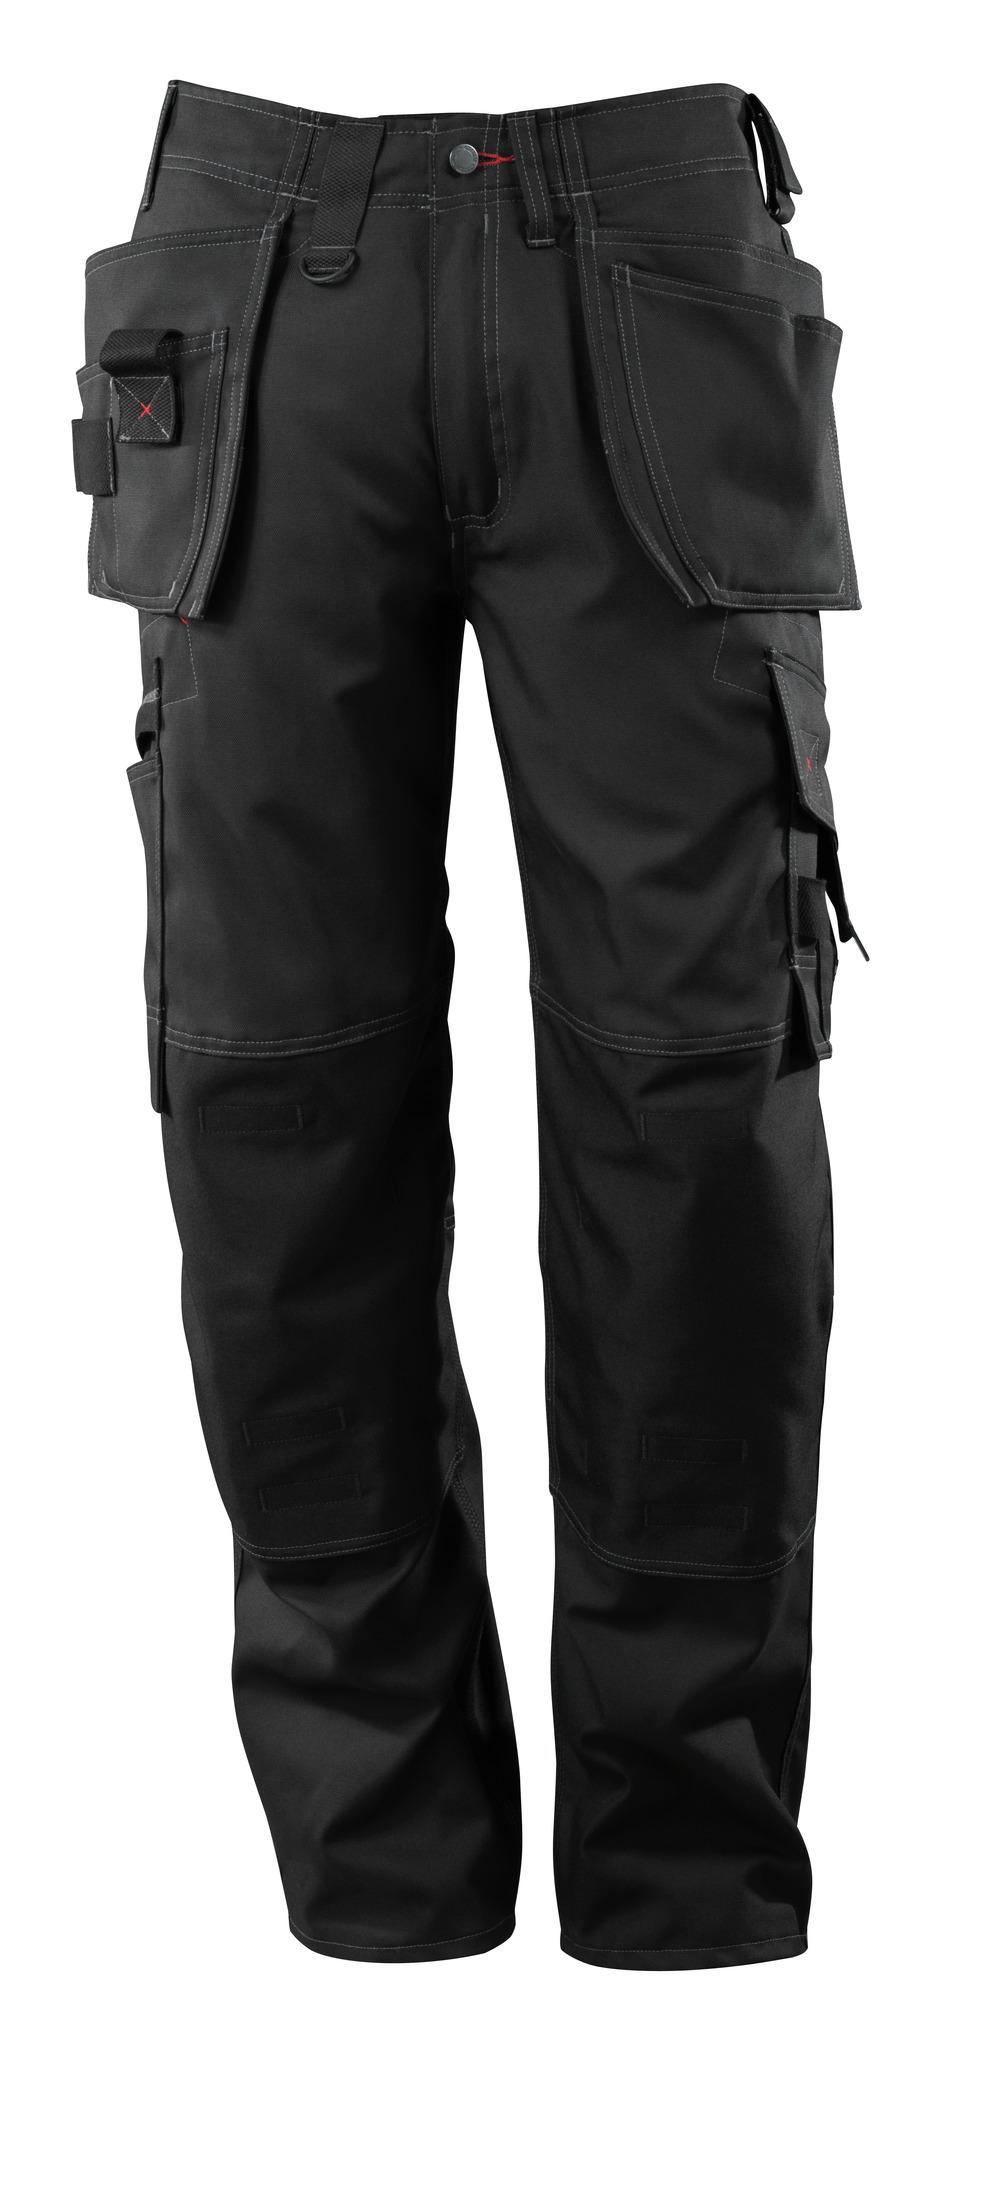 07379-154-09 Bukser med kne- og hengelommer - svart